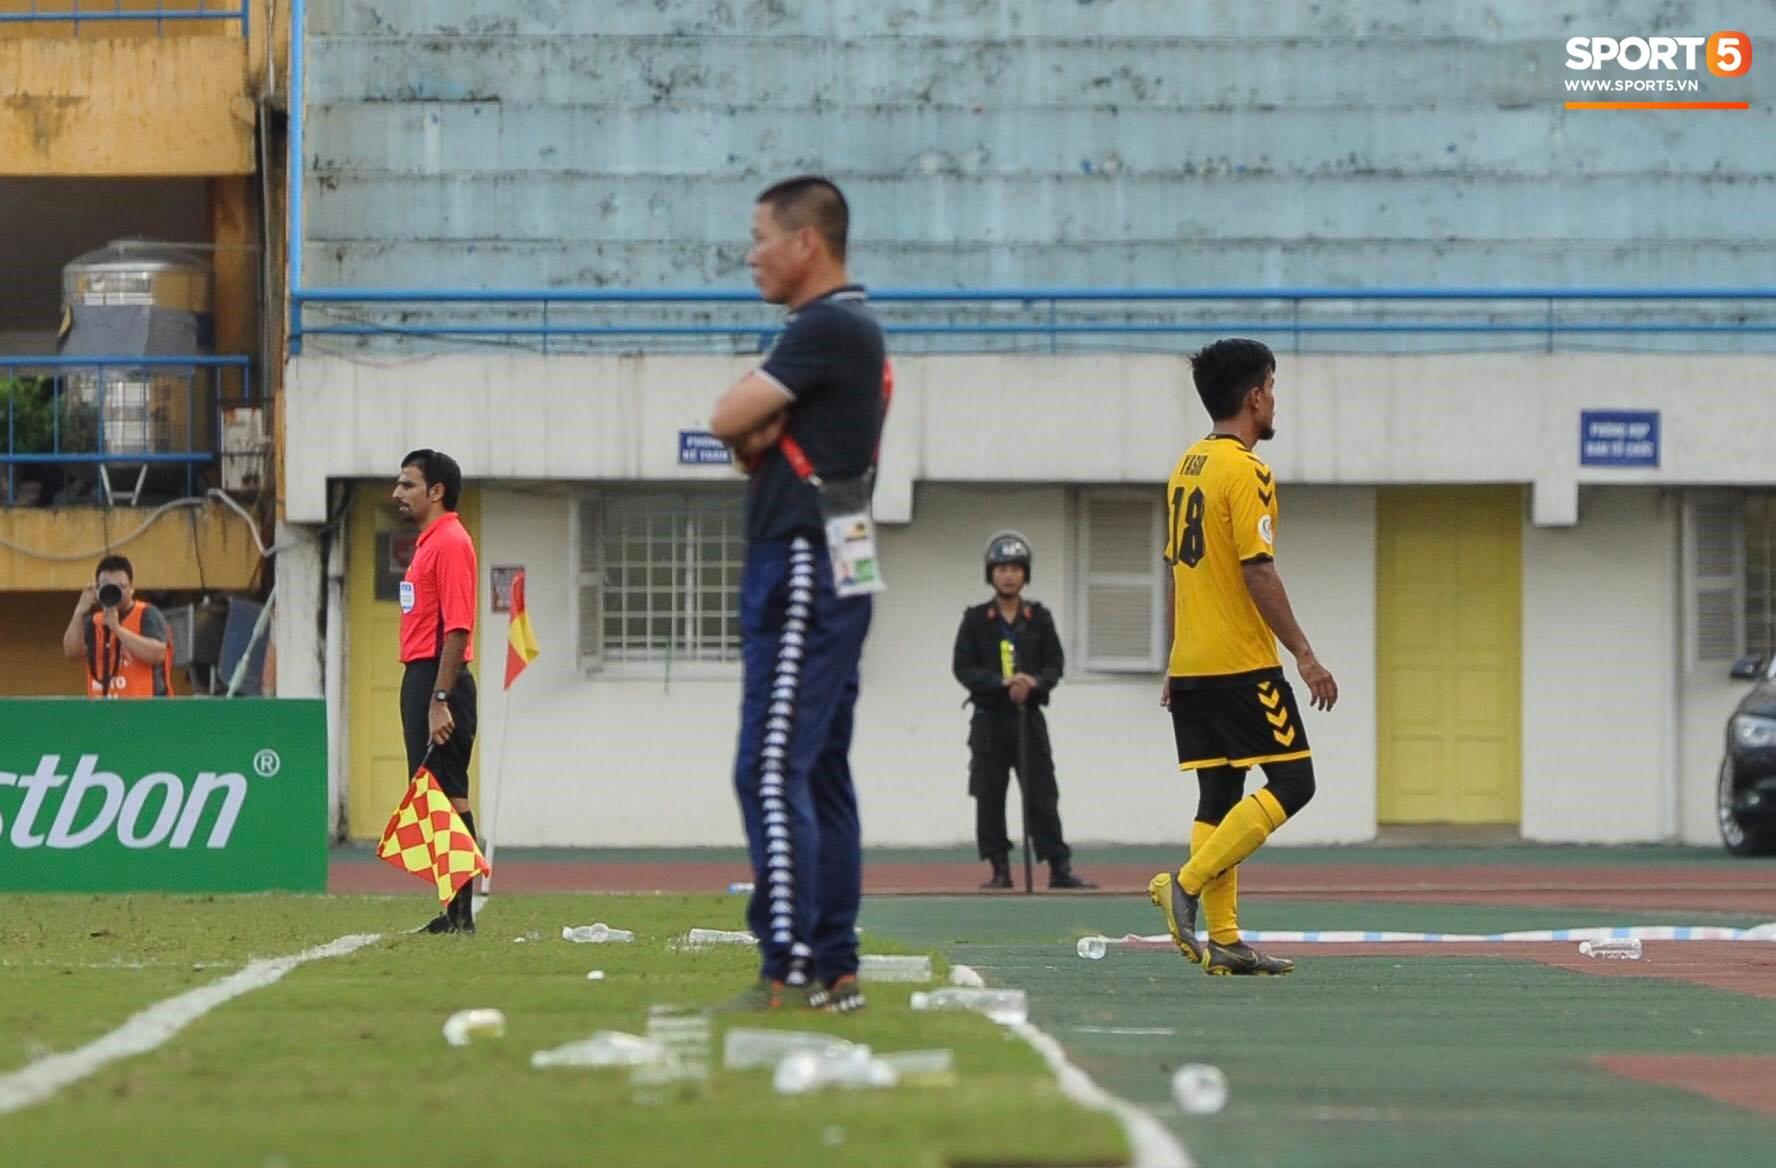 Tiền vệ Singapore chơi tiểu xảo với Đình Trọng, phải nhận thẻ đỏ rời sân - Ảnh 2.